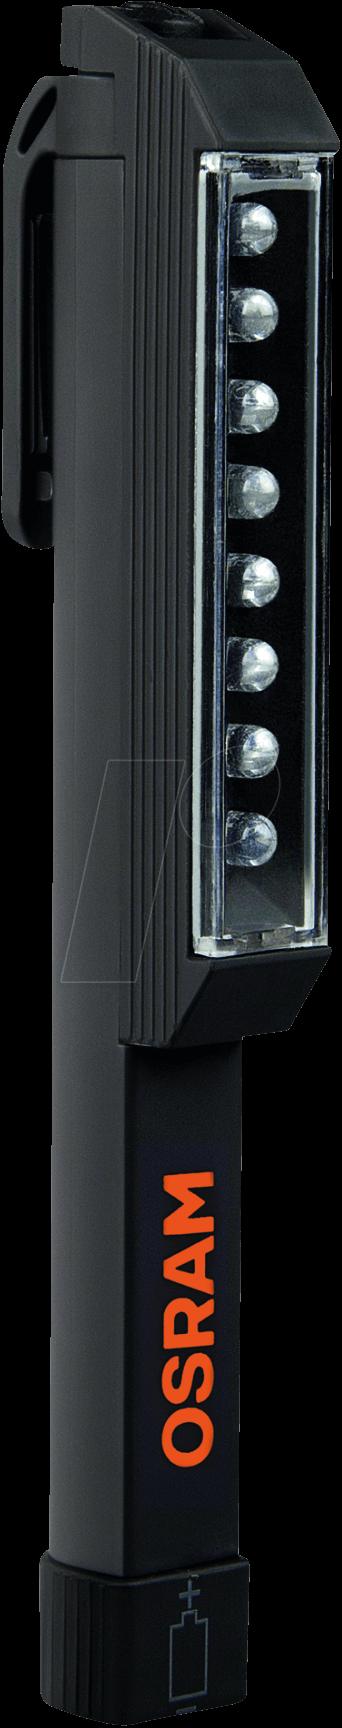 OSR LEDIL203 - LED-Arbeitsleuchte LEDinspect PENLIGHT 80, 80 lm, 3x AAA (Micro)